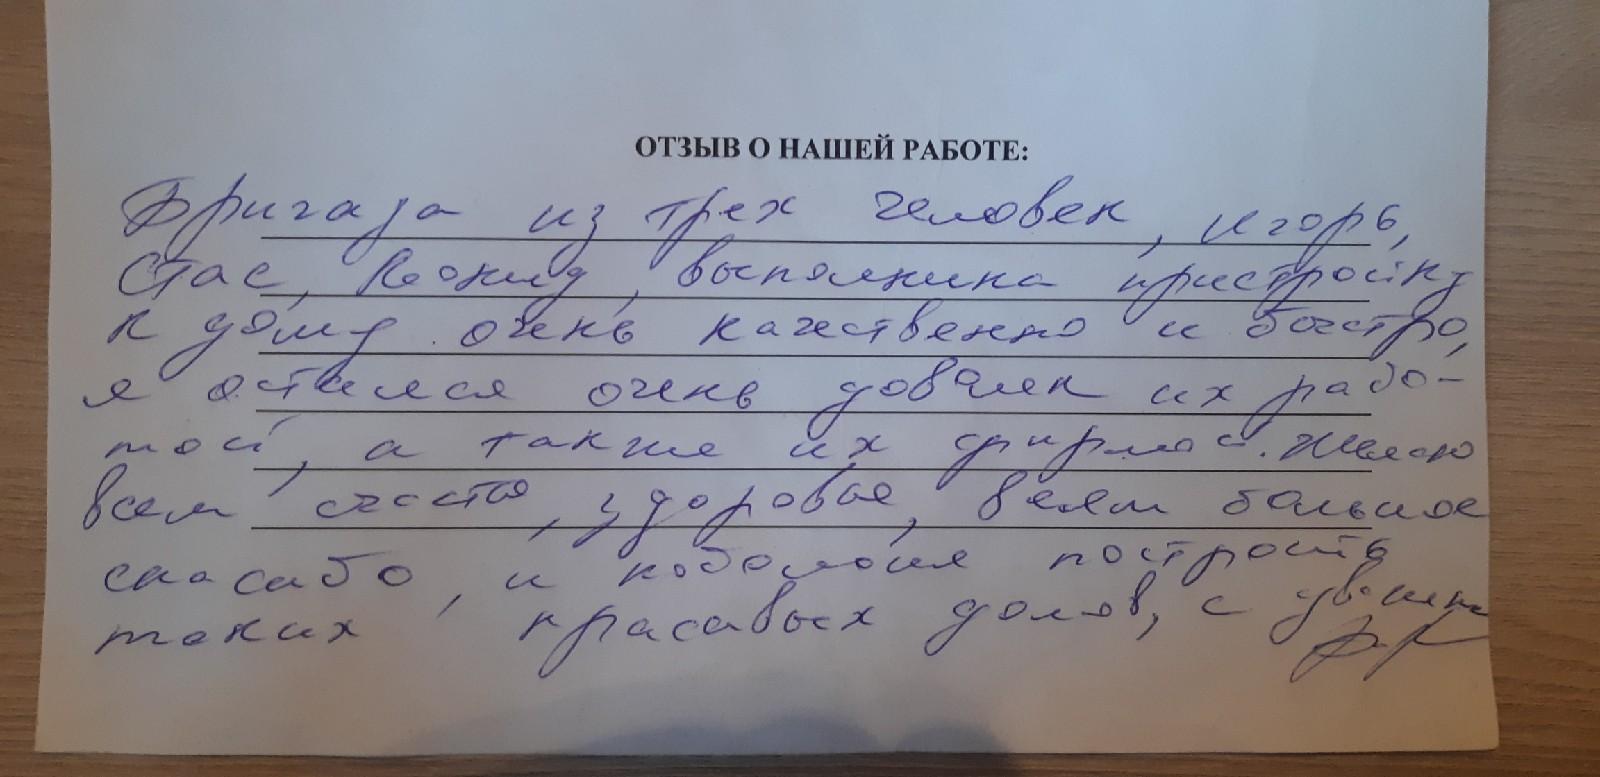 Отзыв Брусовая пристройка 3.5х7.5м к брусовому дому в селе Красное Вологодской области